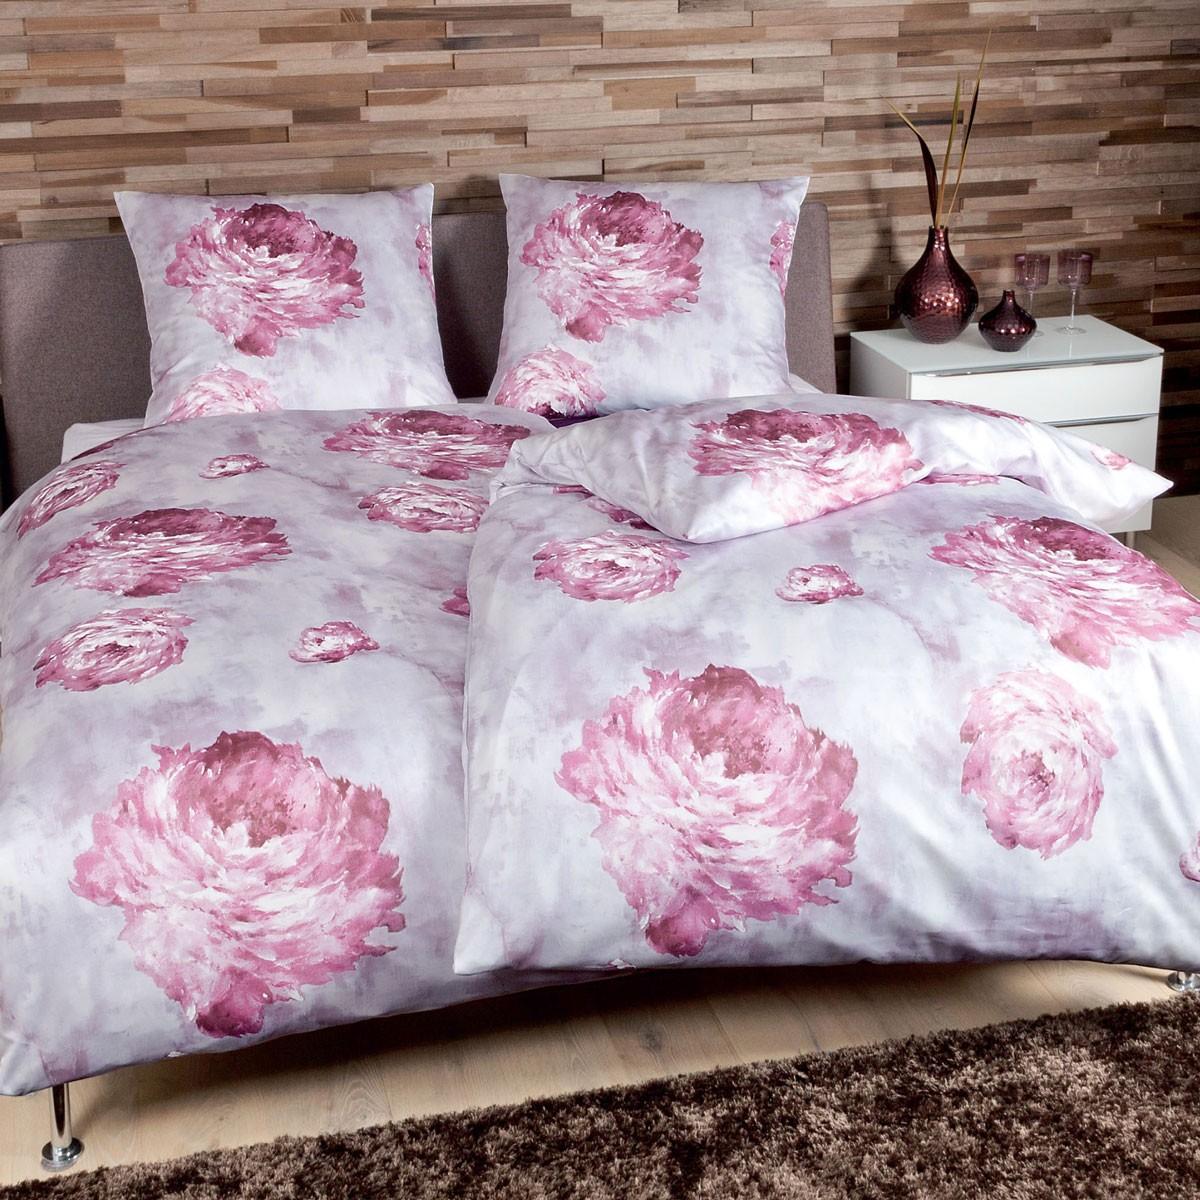 Постельное Постельное белье 2 спальное Janine Messina 4733 розовое elitnoe-postelnoe-belie-messina-4733-orchideenmauve-ot-janine-germaniya.jpg